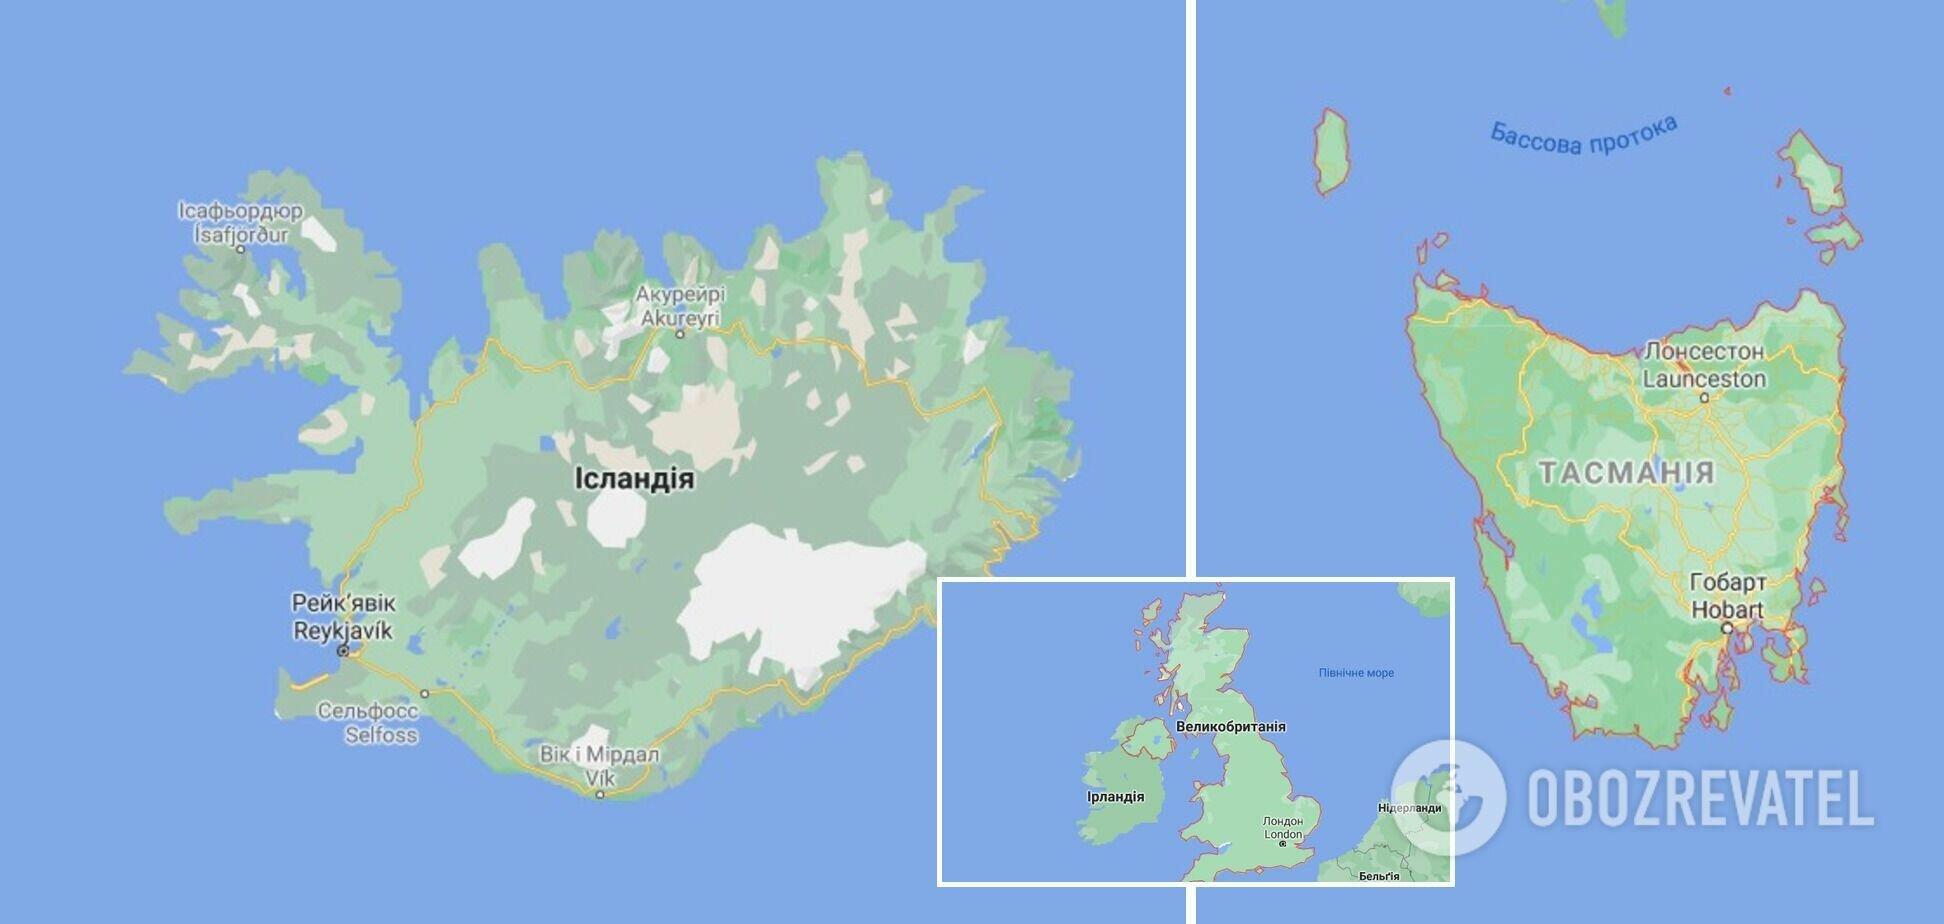 Исландия, Ирландия и Тасмания тоже вошли в список